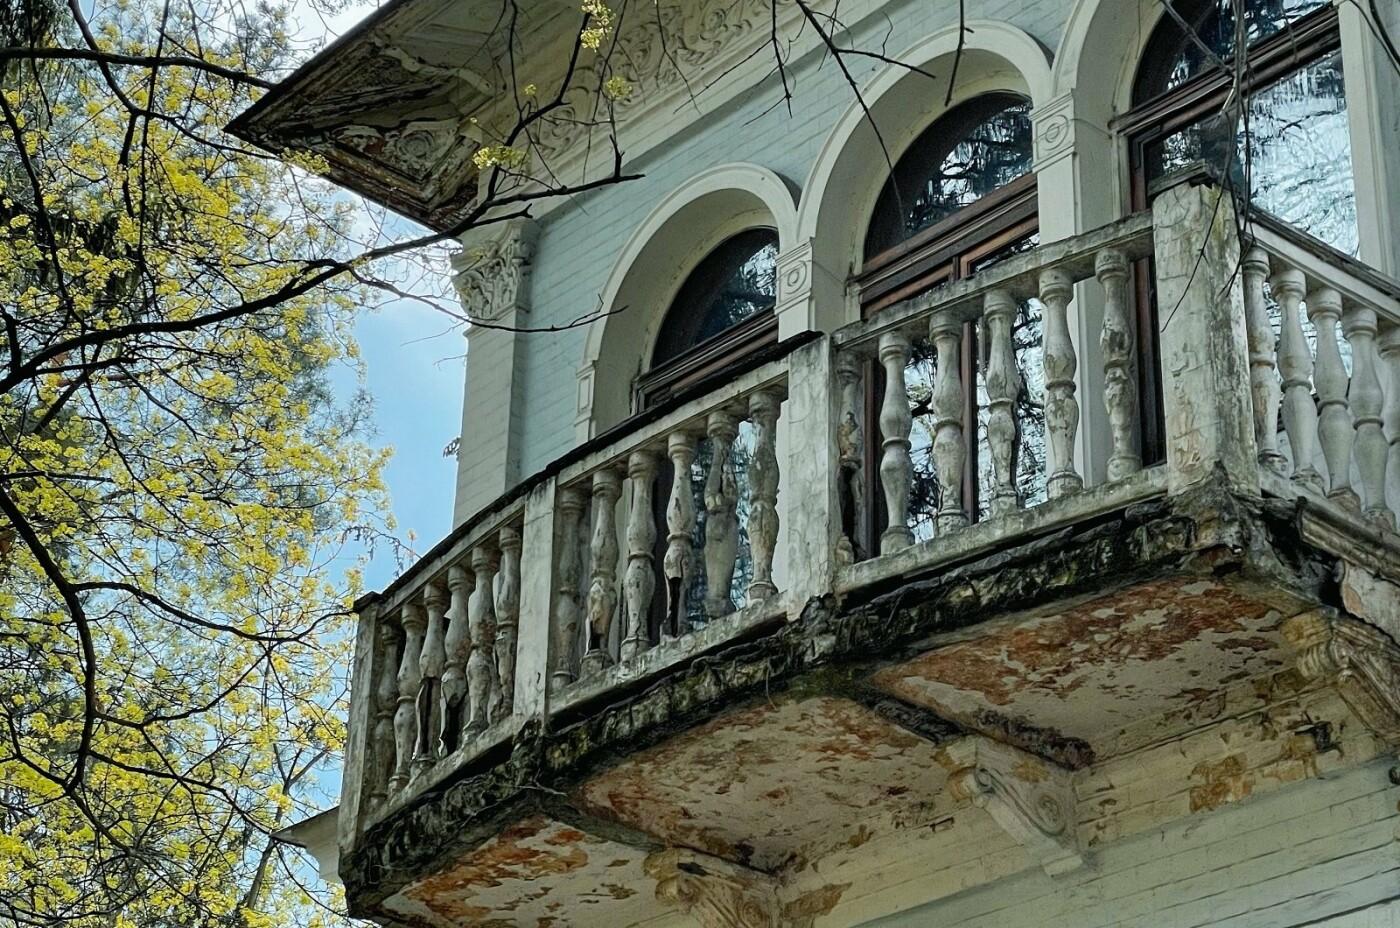 Усадьба Бельского на Лукьяновке или дача Хрущева в Киеве, Фото: Olga Kravchenko